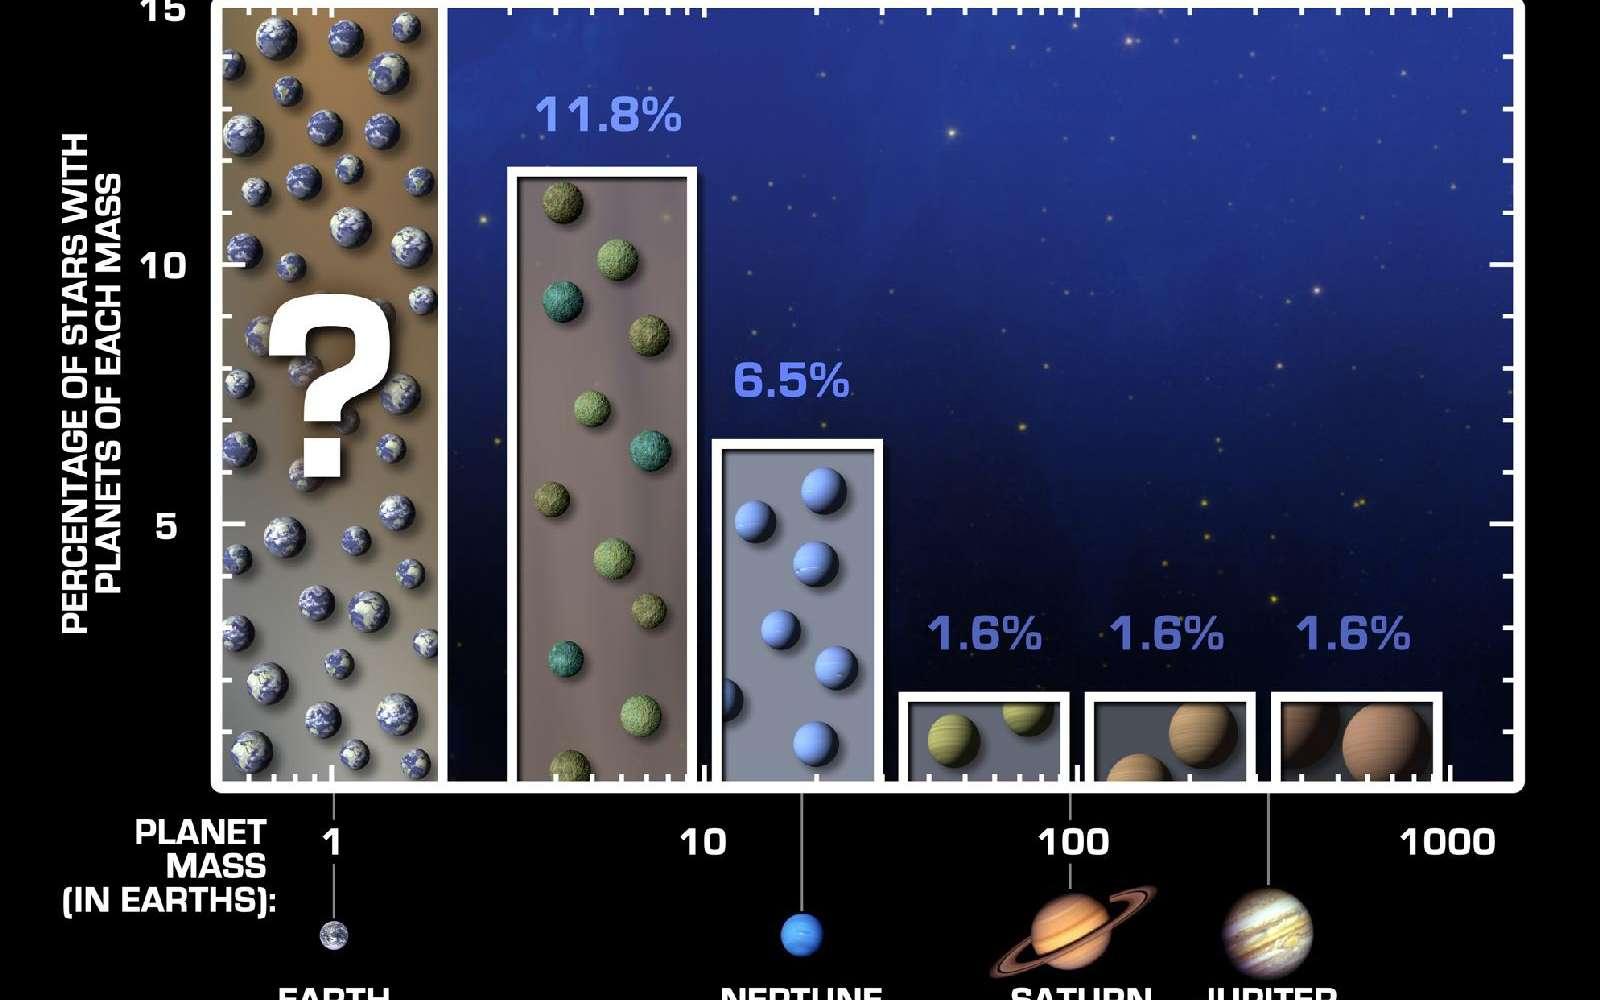 Les données, représentées ici par un histogramme, montrent une tendance claire. Les petites planètes sont plus nombreuses que les grandes. Les astronomes ont extrapolé à partir de ces données pour estimer la fréquence des planètes de type terrestre. Il en résulterait que près d'une étoile sur quatre de type solaire, 23 % en fait, posséderait au moins une exoTerre. Chaque barre sur ce tableau représente un groupe de planètes caractérisées par une certaine masse. Pour les trois groupes les plus massifs (ici à droite), auxquels appartiendraient Jupiter et Saturne, la fréquence des planètes autour d'une étoile semblable au Soleil est 1,6 %. Pour les planètes de masses intermédiaires, 10 à 30 fois la masse de la Terre (soit environ la taille de Neptune et d'Uranus), la fréquence est de 6,5 %. Pour les superterres, trois à 10 fois la masse de la Terre, on trouve une fréquence de 11,8 %. © Nasa/JPL-Caltech/UC Berkeley